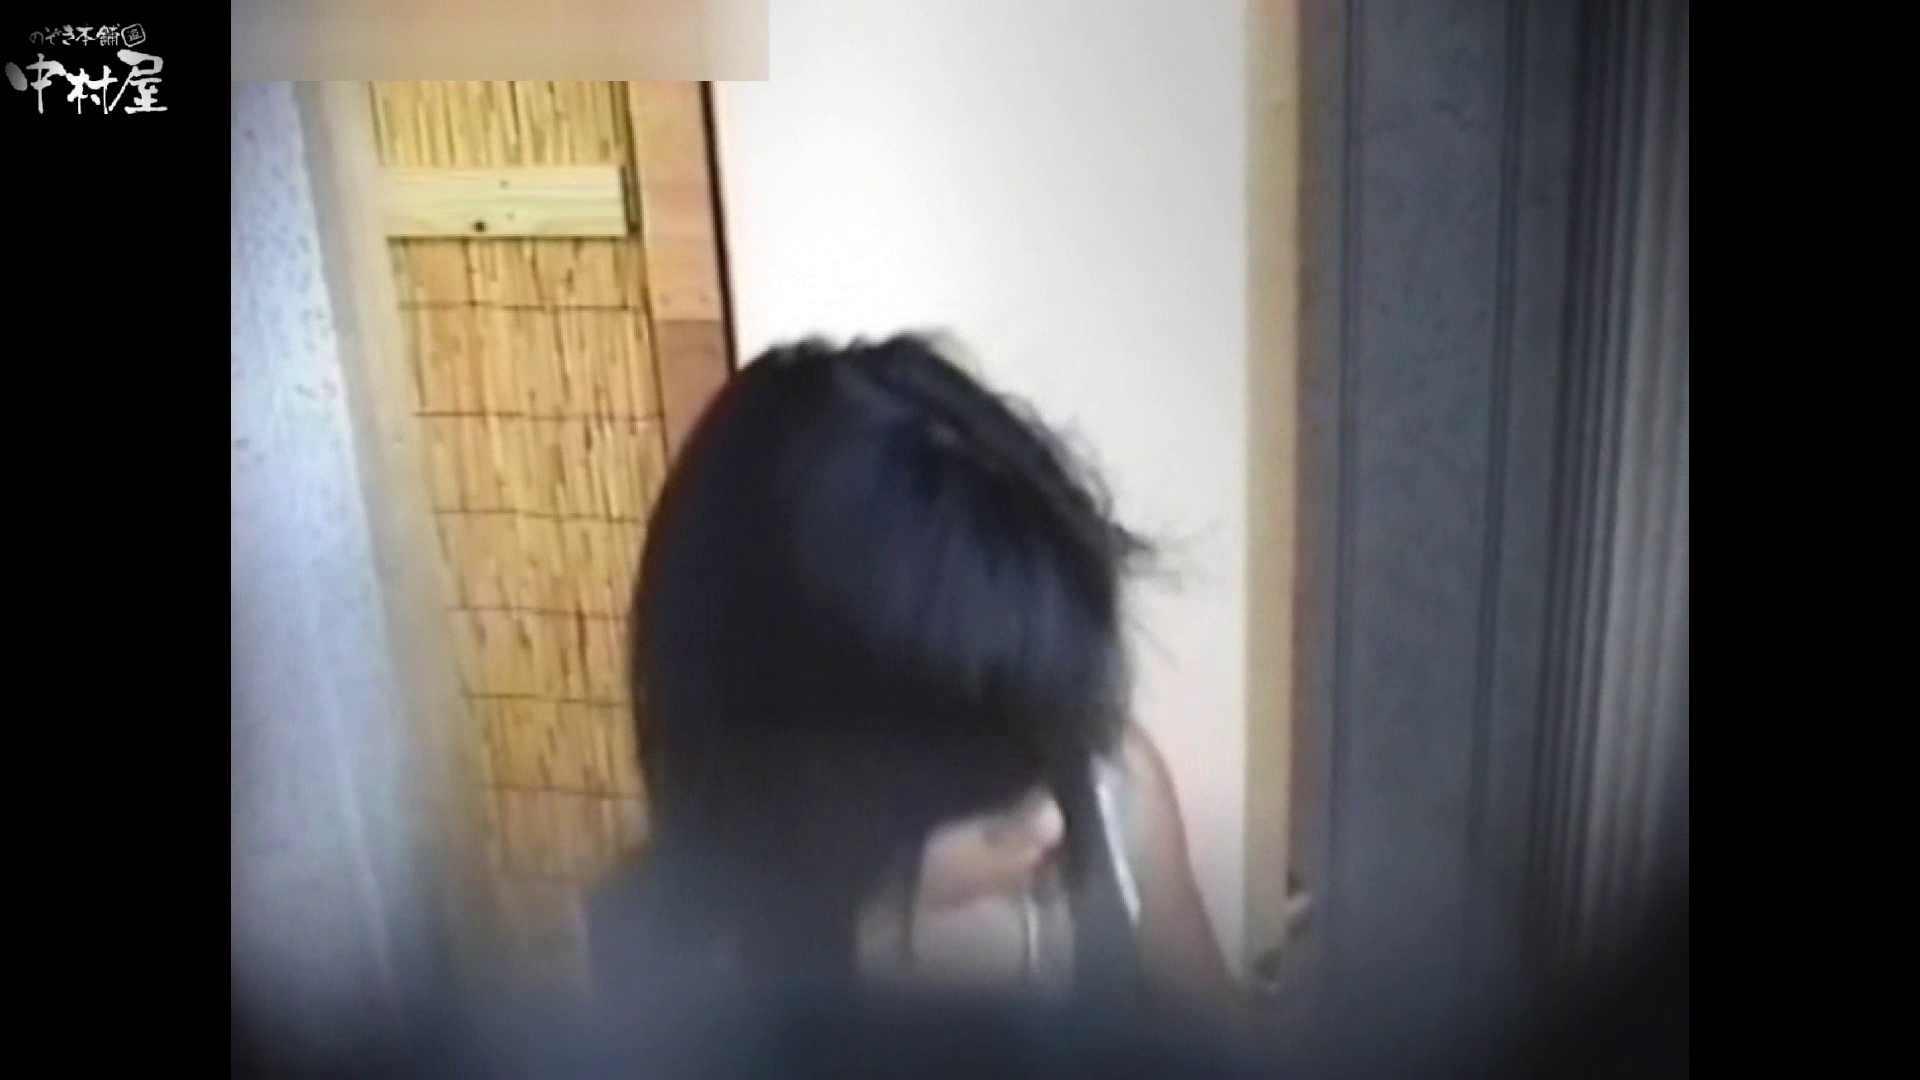 解禁!海の家4カメ洗面所vol.50 ギャルエロ画像 オメコ動画キャプチャ 101PICs 26